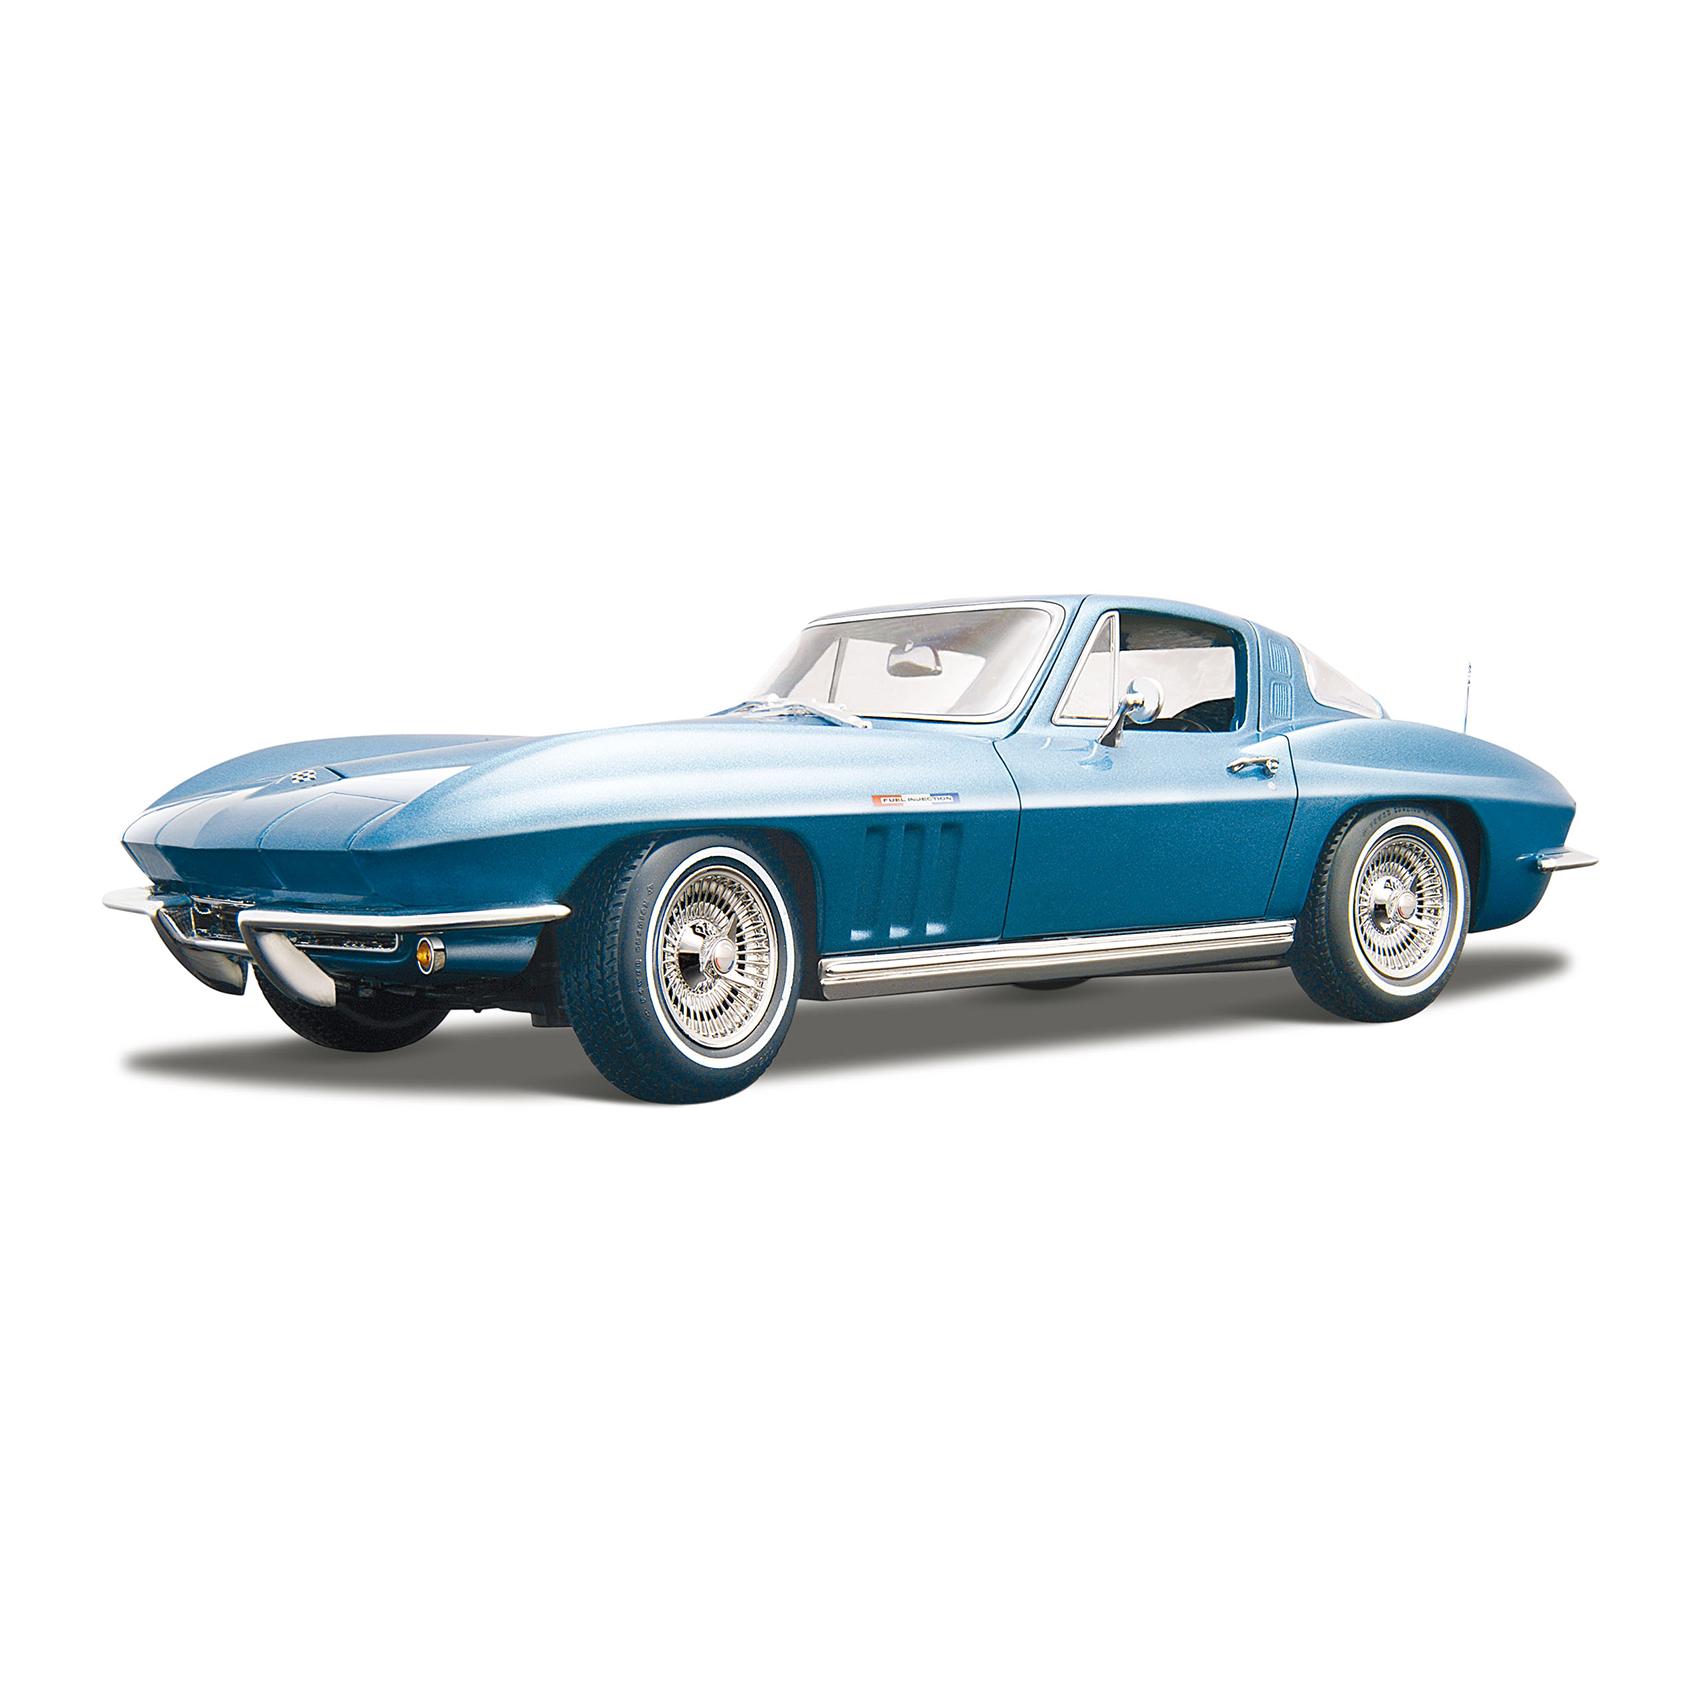 masinuta maisto chevolet corvette 1965 1:18